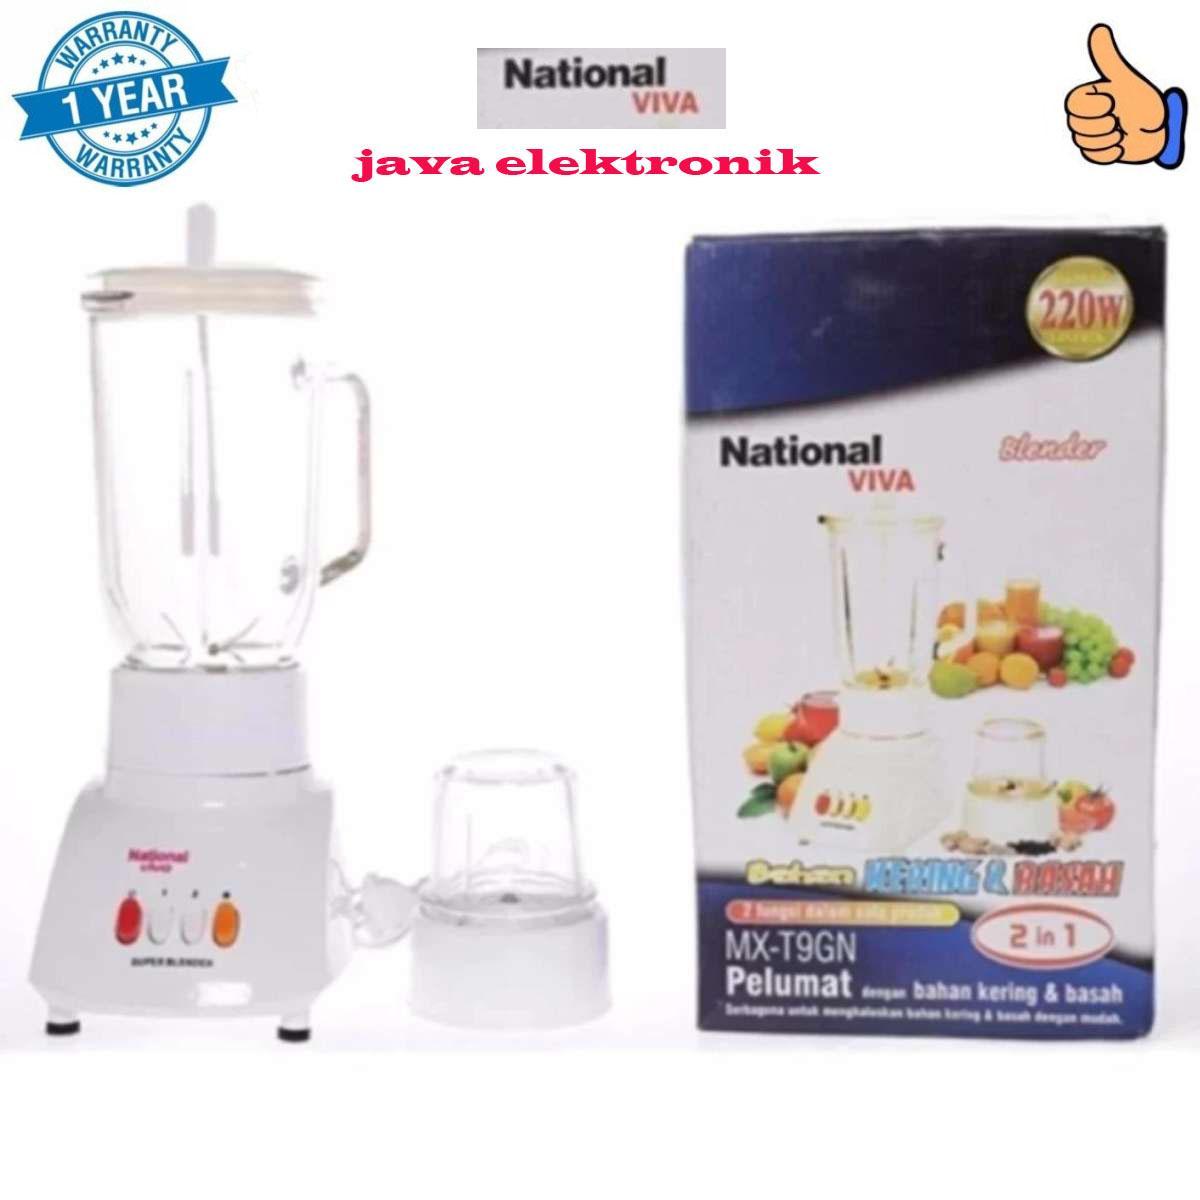 Blender National Viva / omega Blender Juice garansi resmi